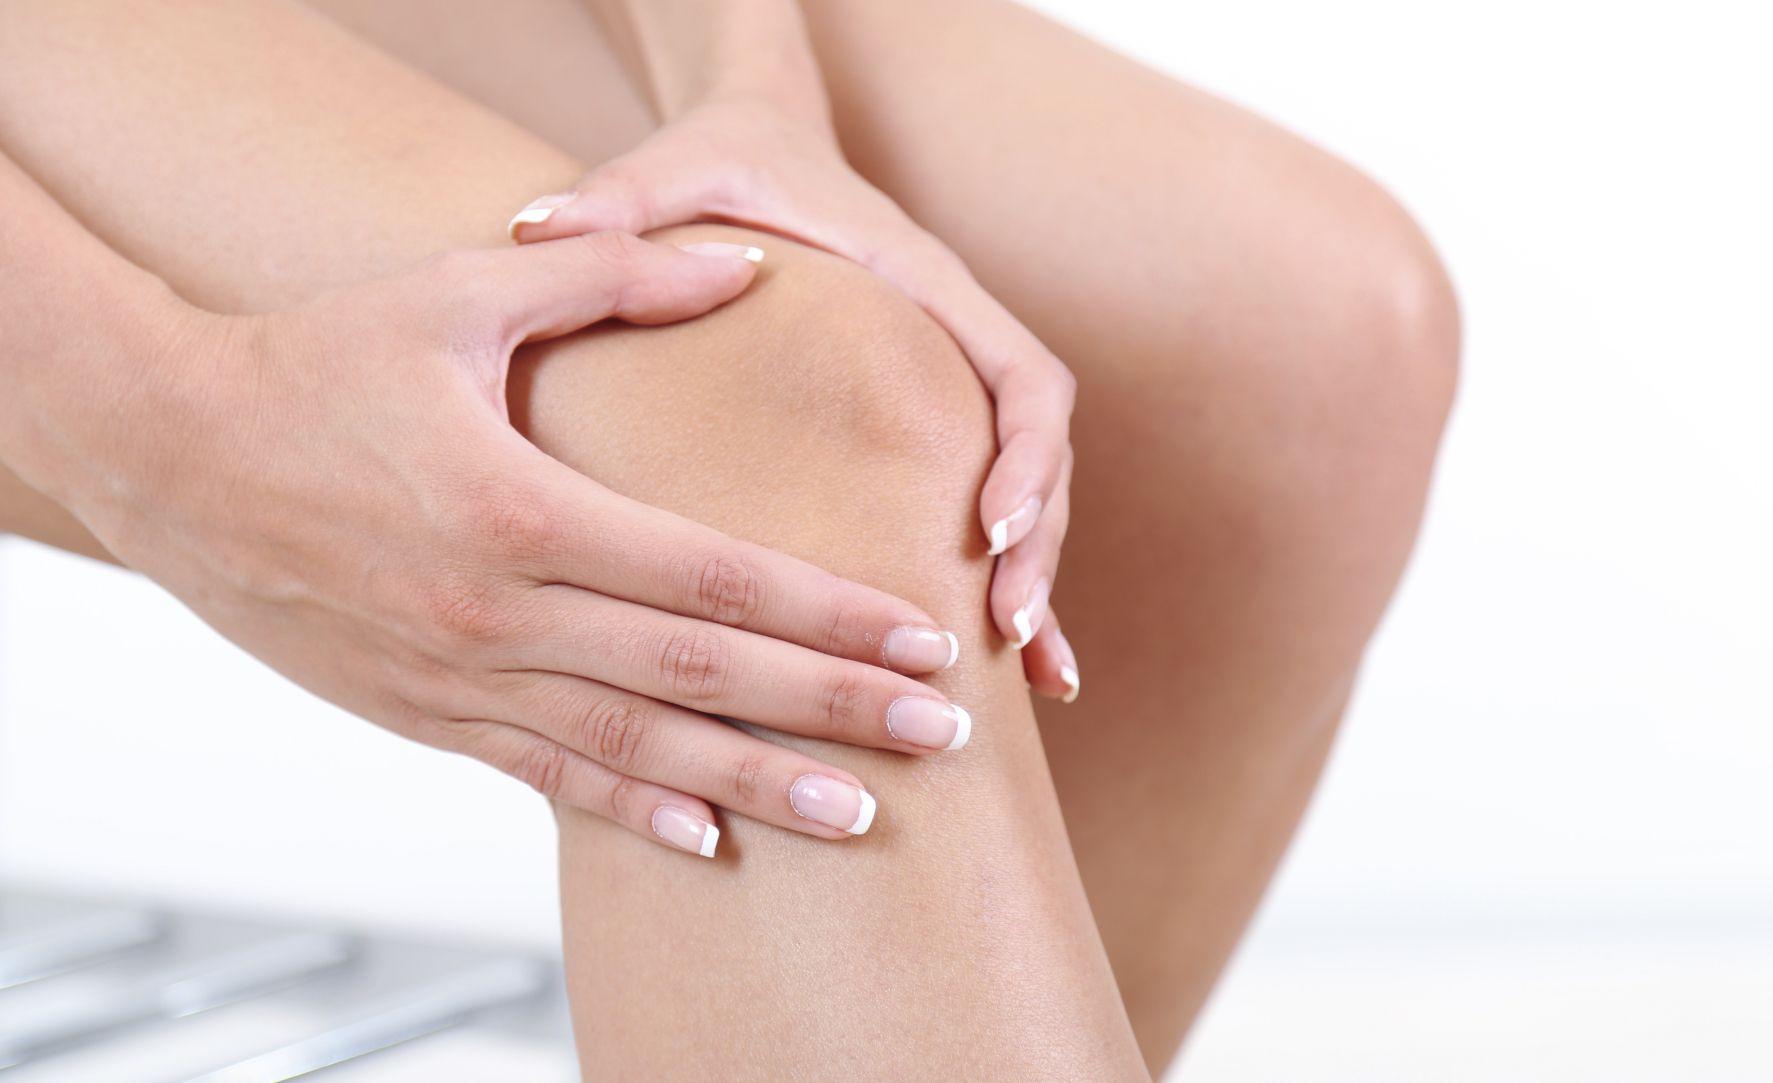 Terapia incredibilă care te scapă de durerile de genunchi. Rapid și fără medicamente